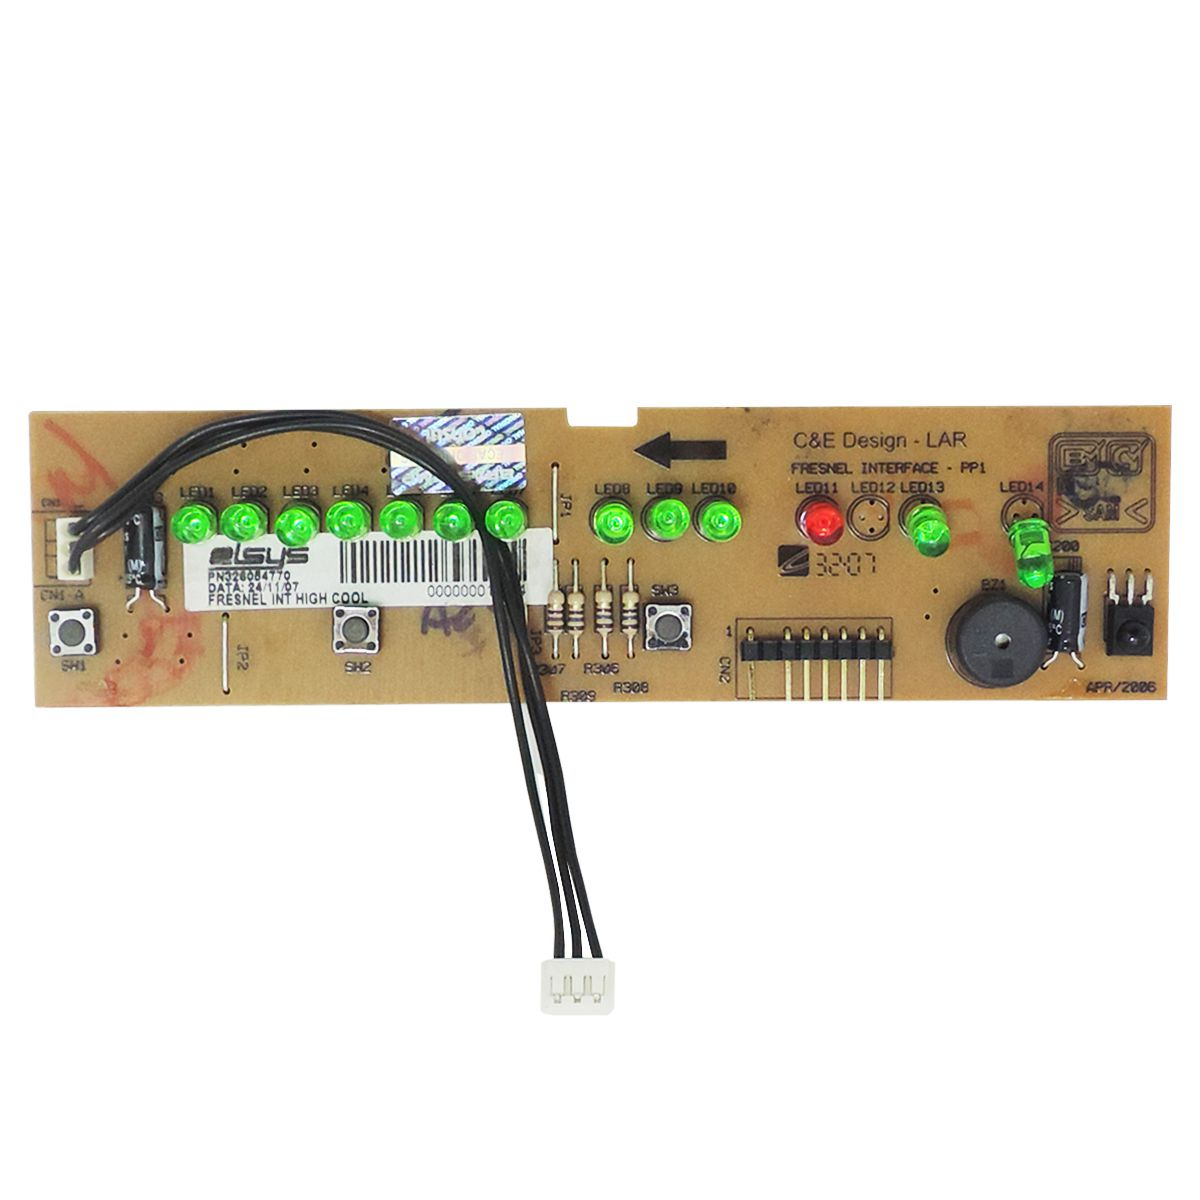 Placa Interface Ar Condicionado Consul Cc307 Cc310 Ccg10 Ccn07 Ccn10